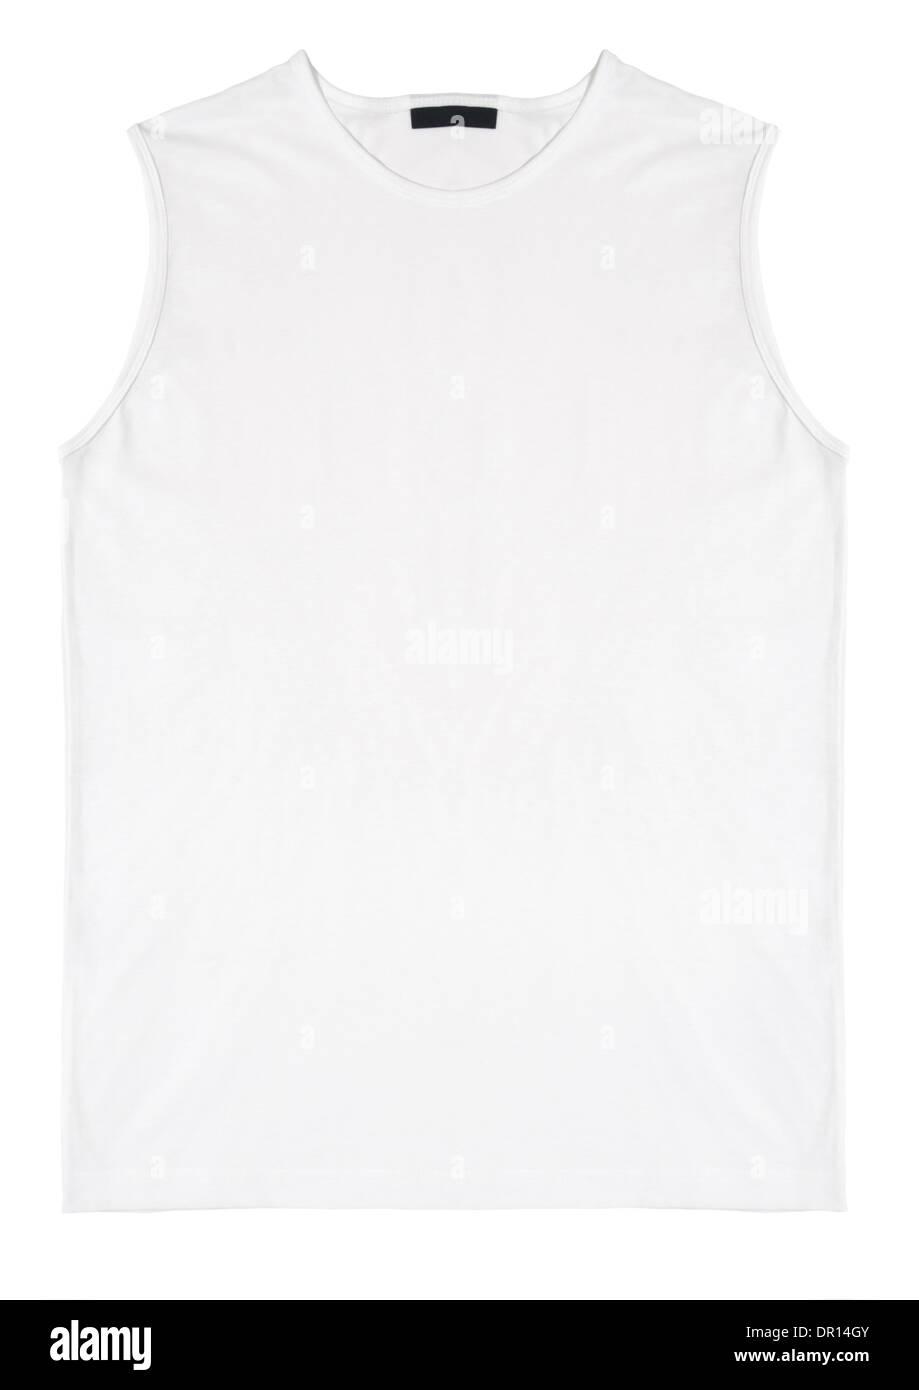 White sleeveless t-shirt on white background - Stock Image